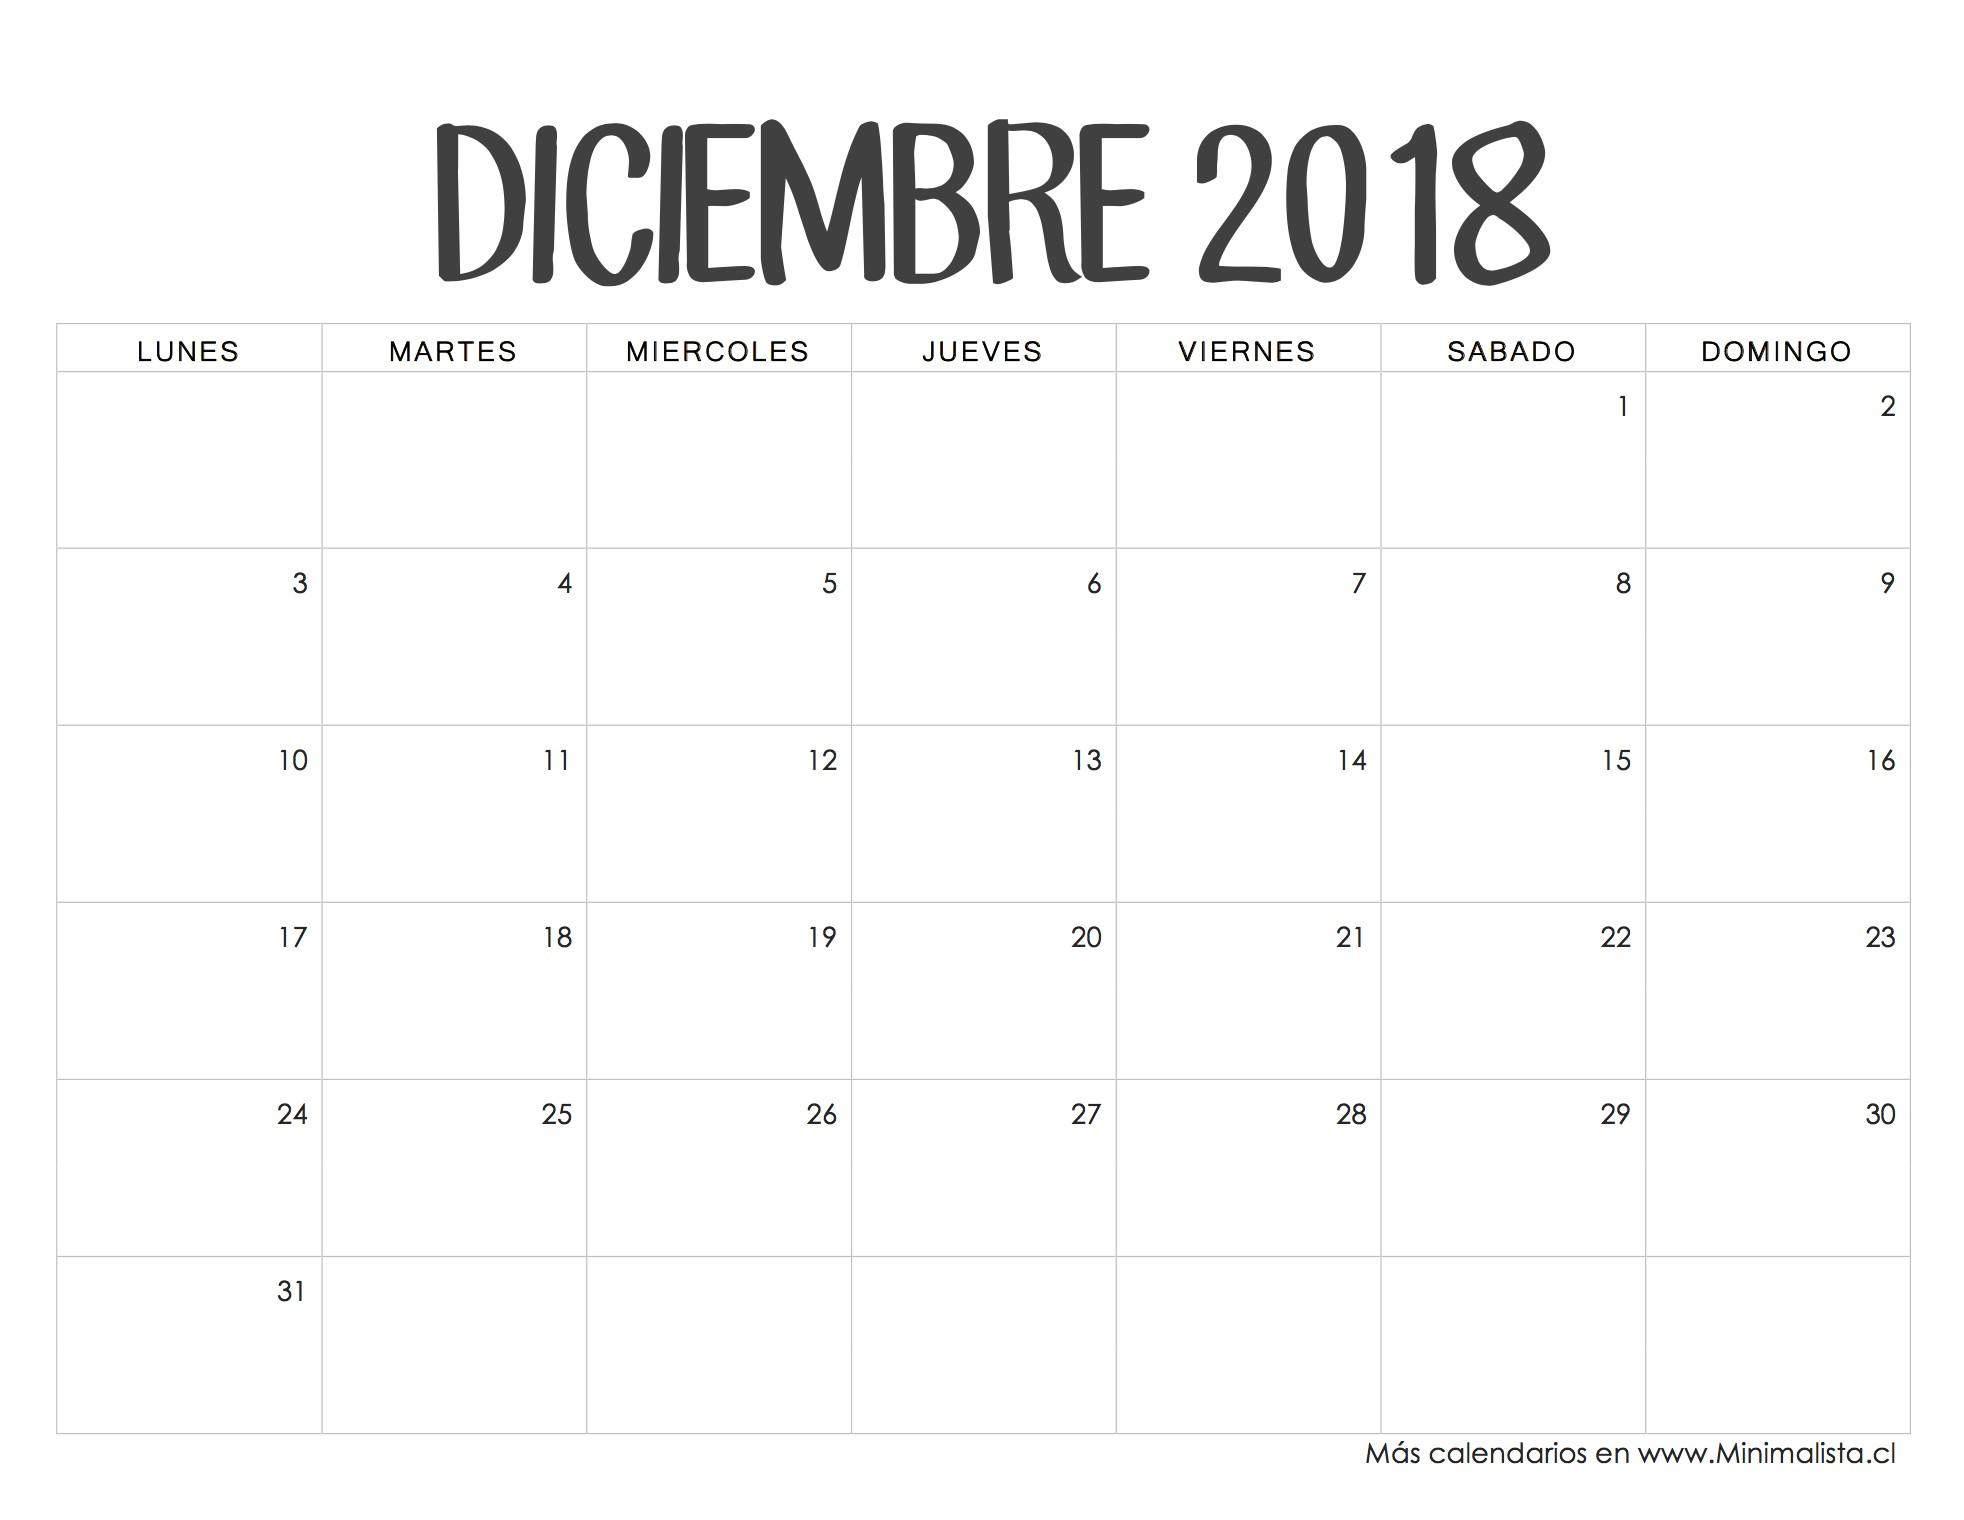 Imprimir Calendario Diciembre 2017 Y Enero 2019 Más Populares Calendario Diciembre 2018 Manualidades Of Imprimir Calendario Diciembre 2017 Y Enero 2019 Más Actual Calendario 1 Enero ☼ Calendario 2016 ☺ Pinterest